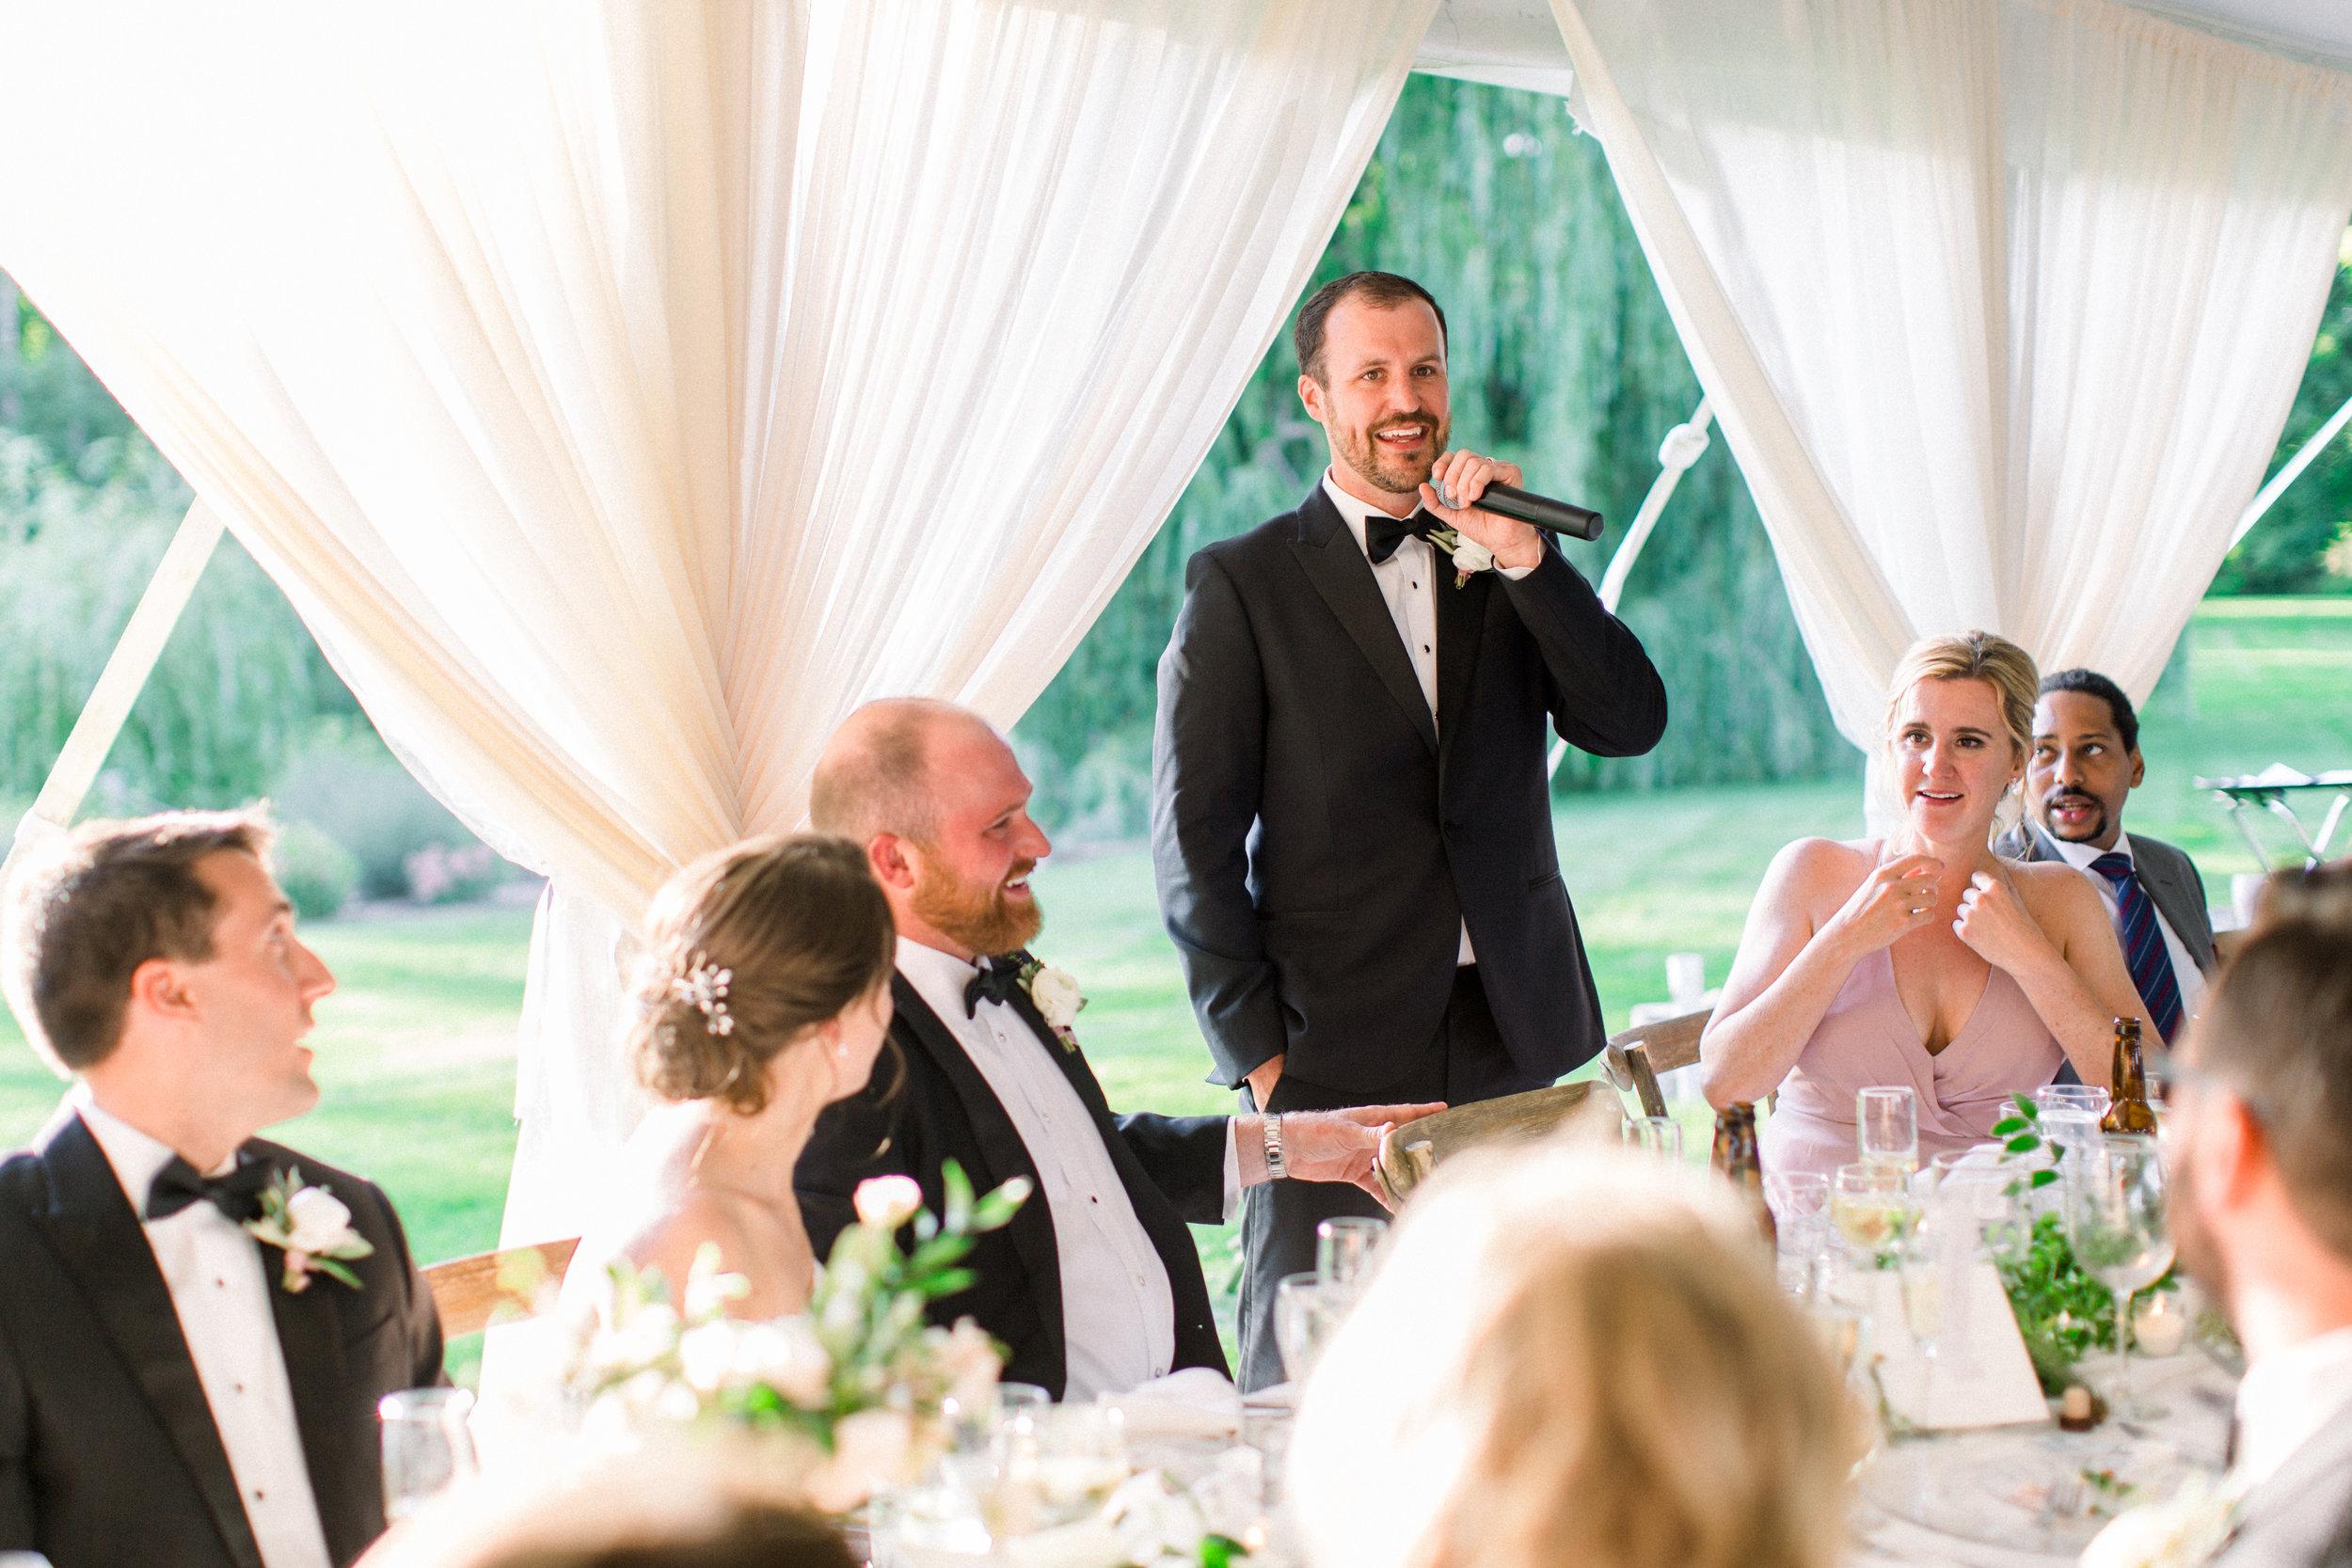 Steinlage+Wedding+Reception-265.jpg